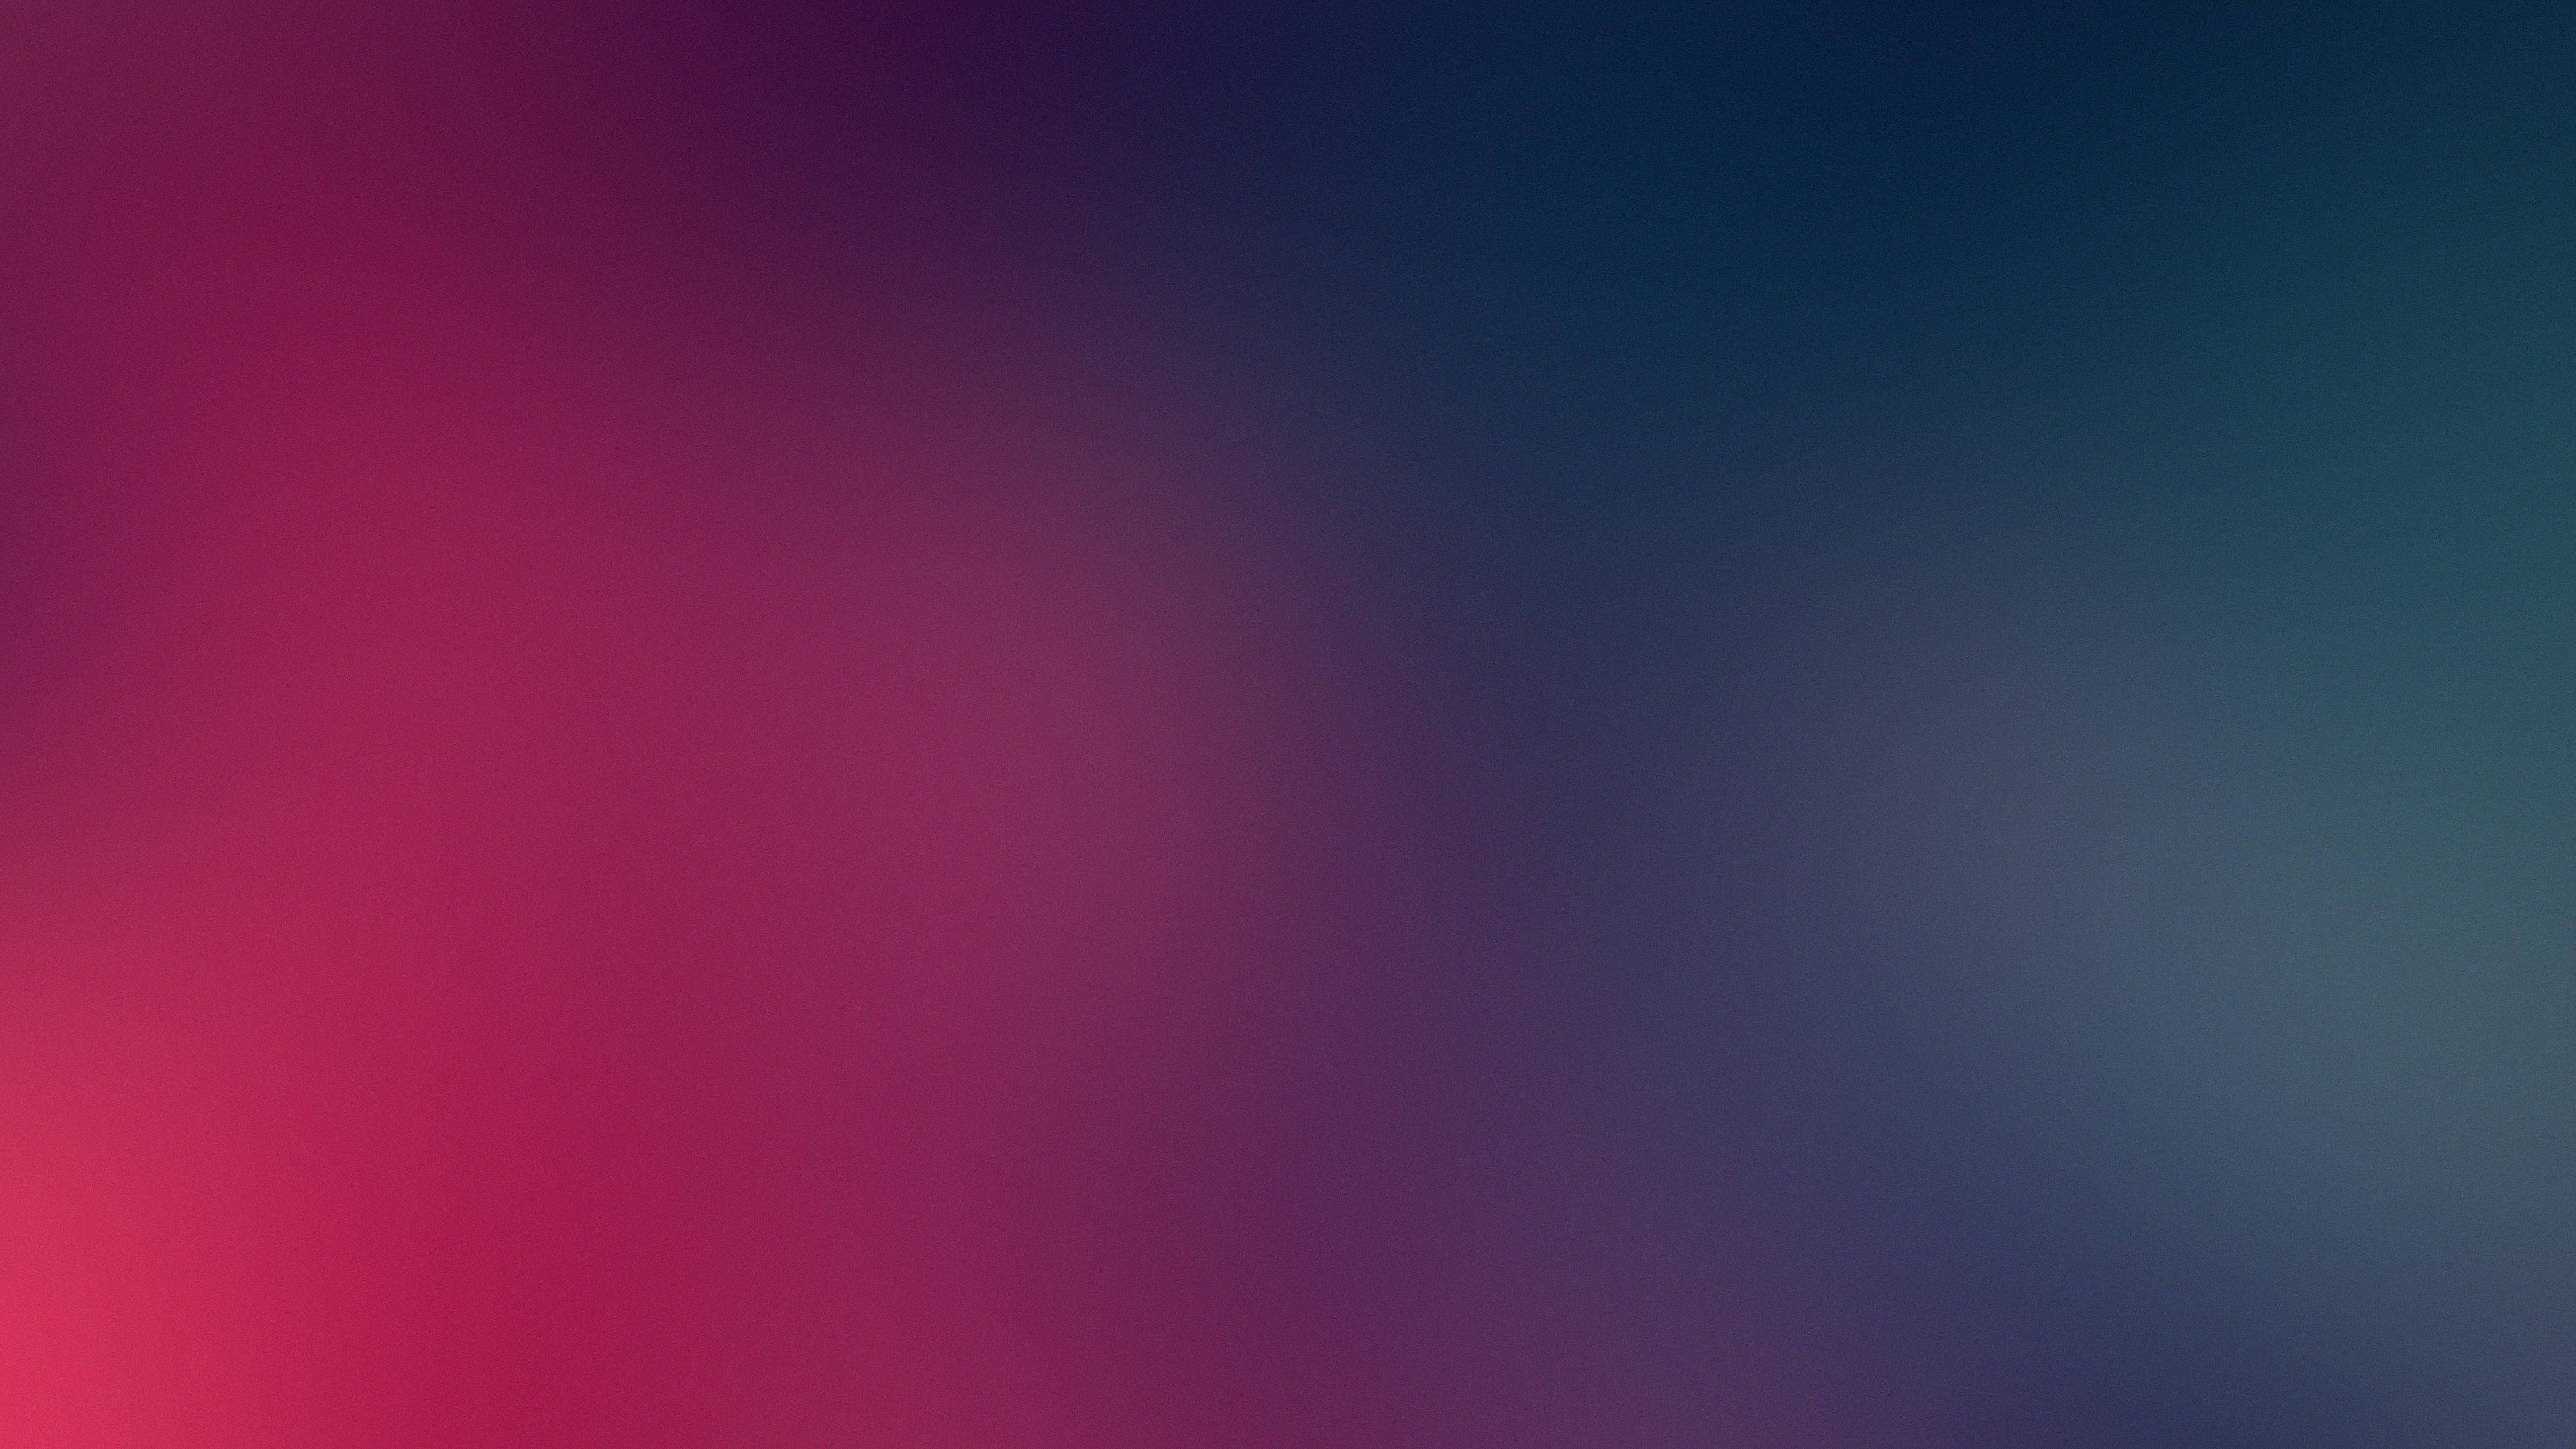 miraz blur 1575660145 - Miraz Blur -